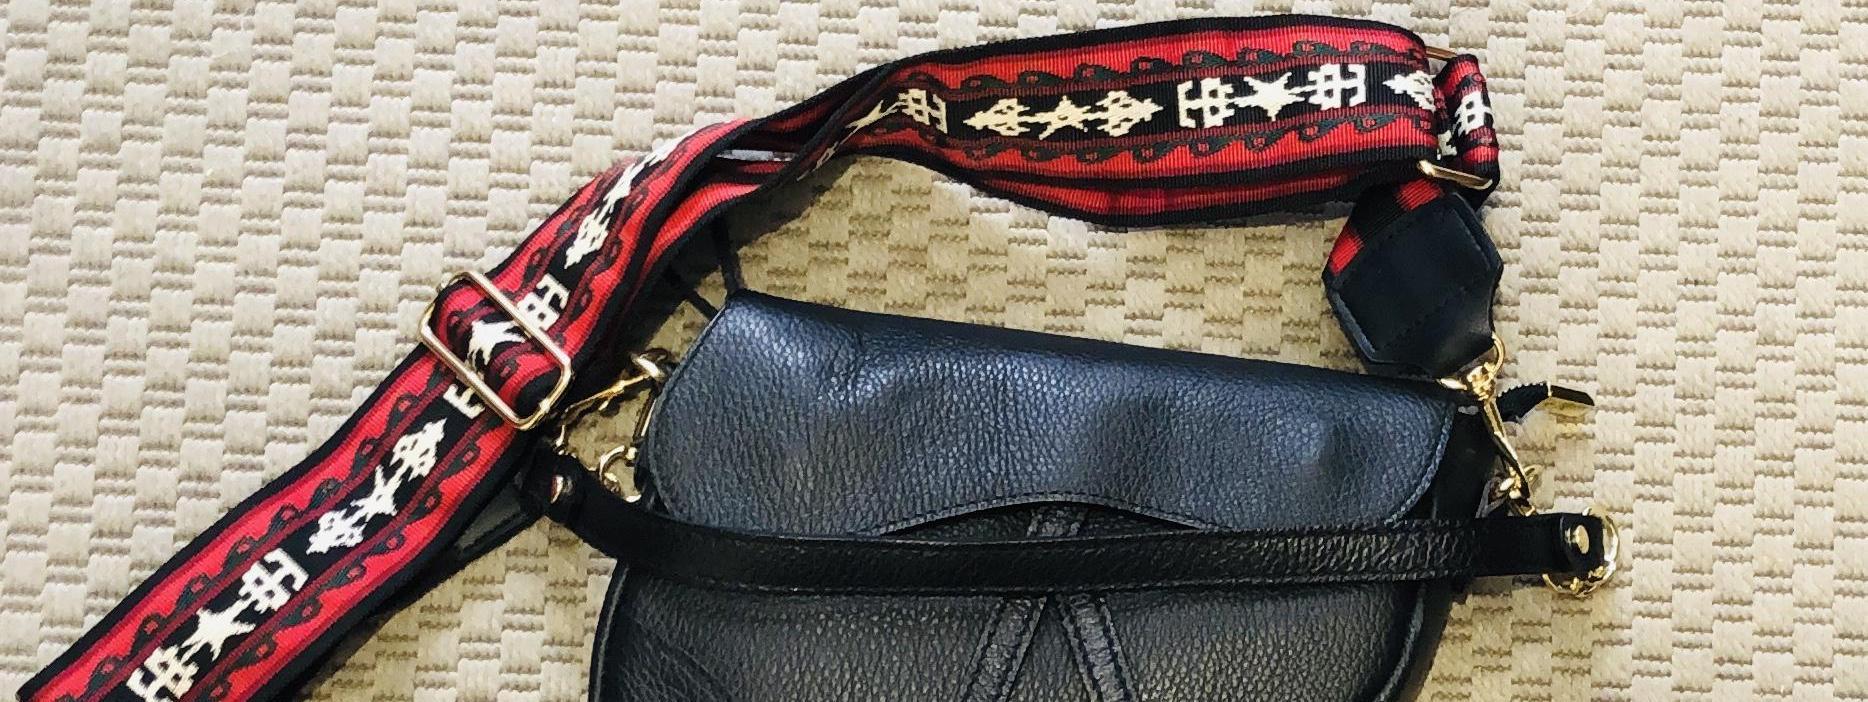 Tendencia de moda: las correas intercambiables para bolsos